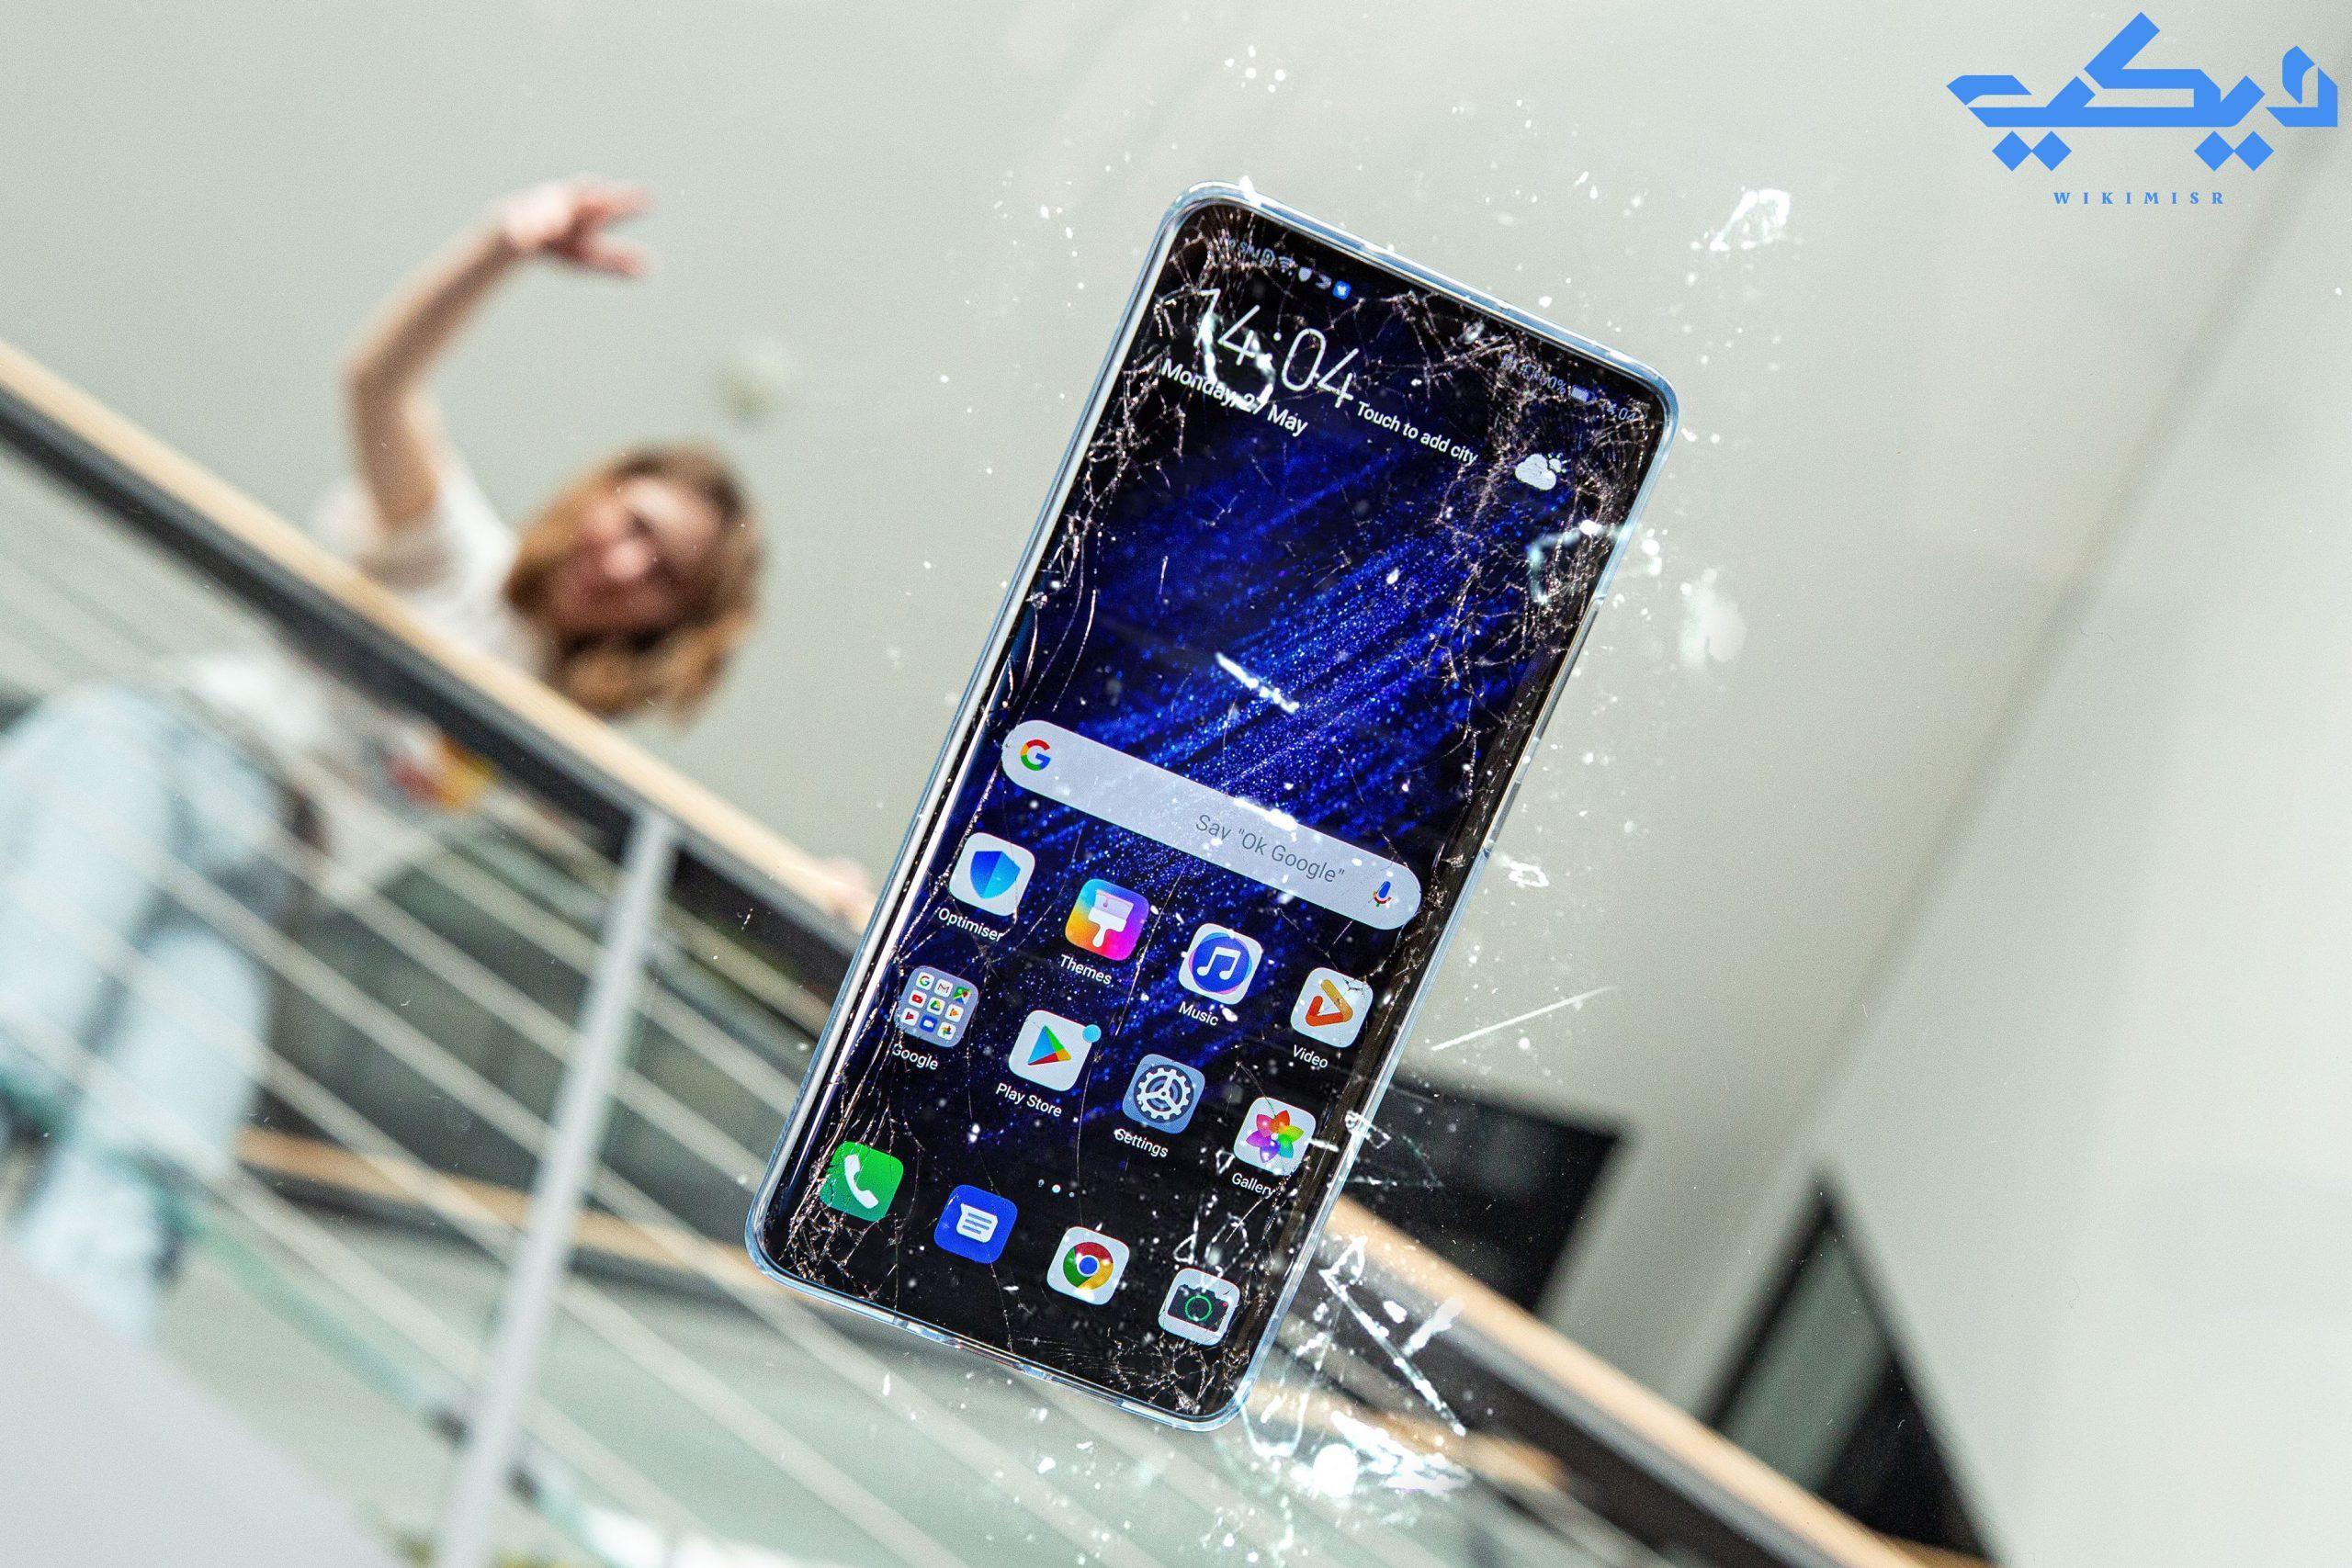 كيفية التحكم في هاتف أندرويد بشاشة مكسورة